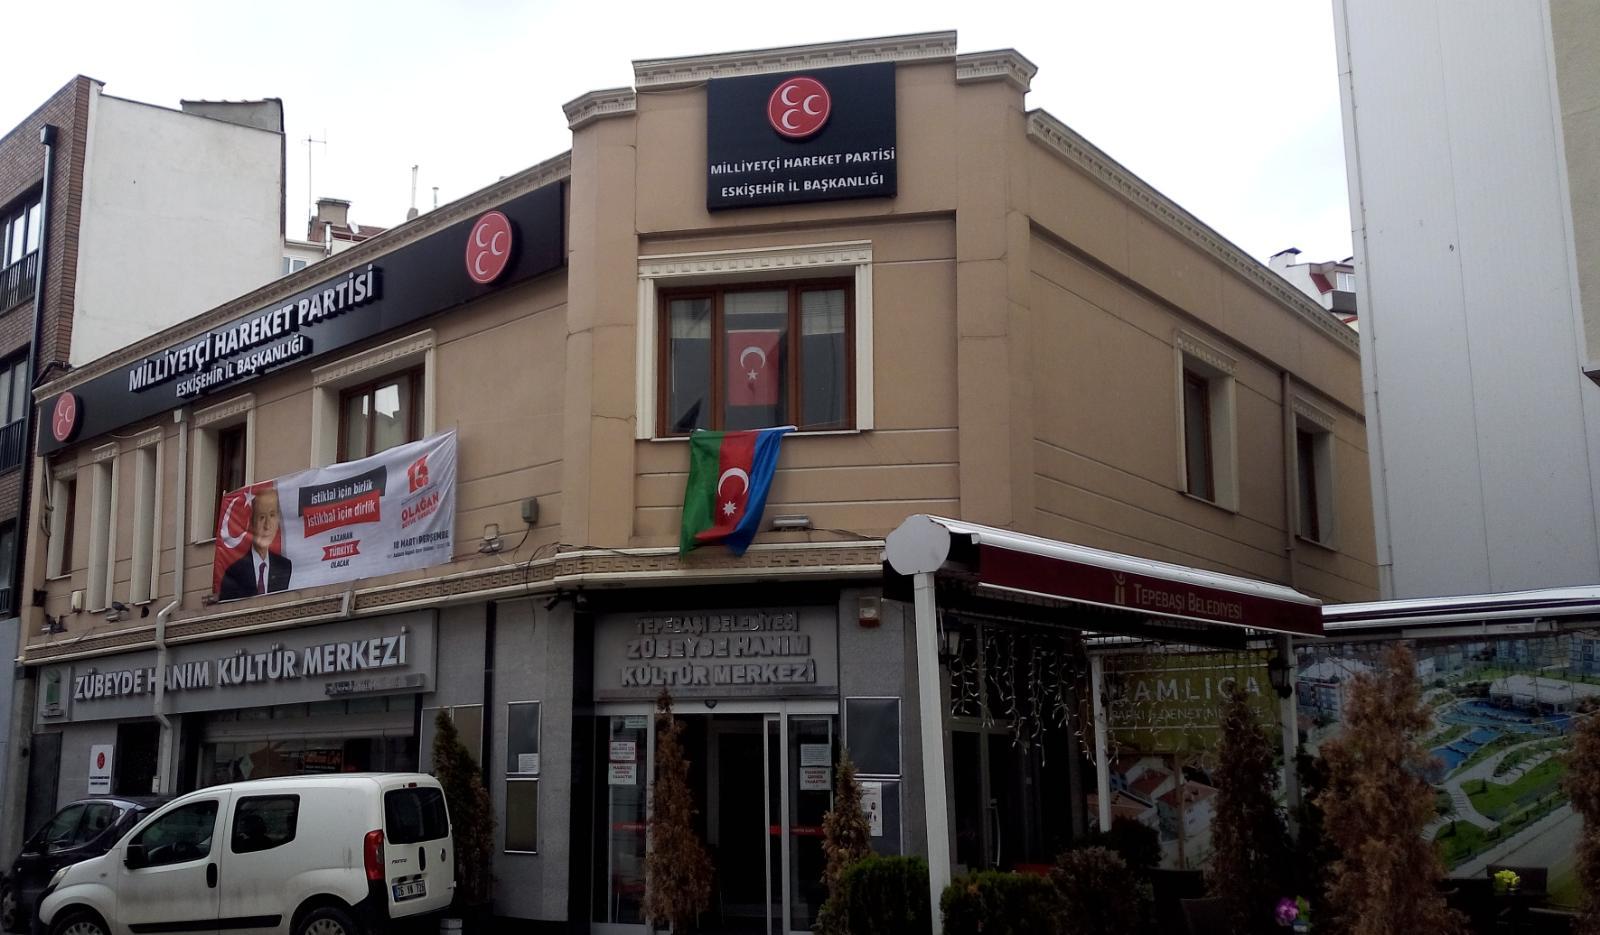 Photo of Կինոթատրոն, մշակույթի կենտրոն, ազգայնականների գրասենյակ. Էսքիշեհիրի հայկական եկեղեցու ճակատագիրը